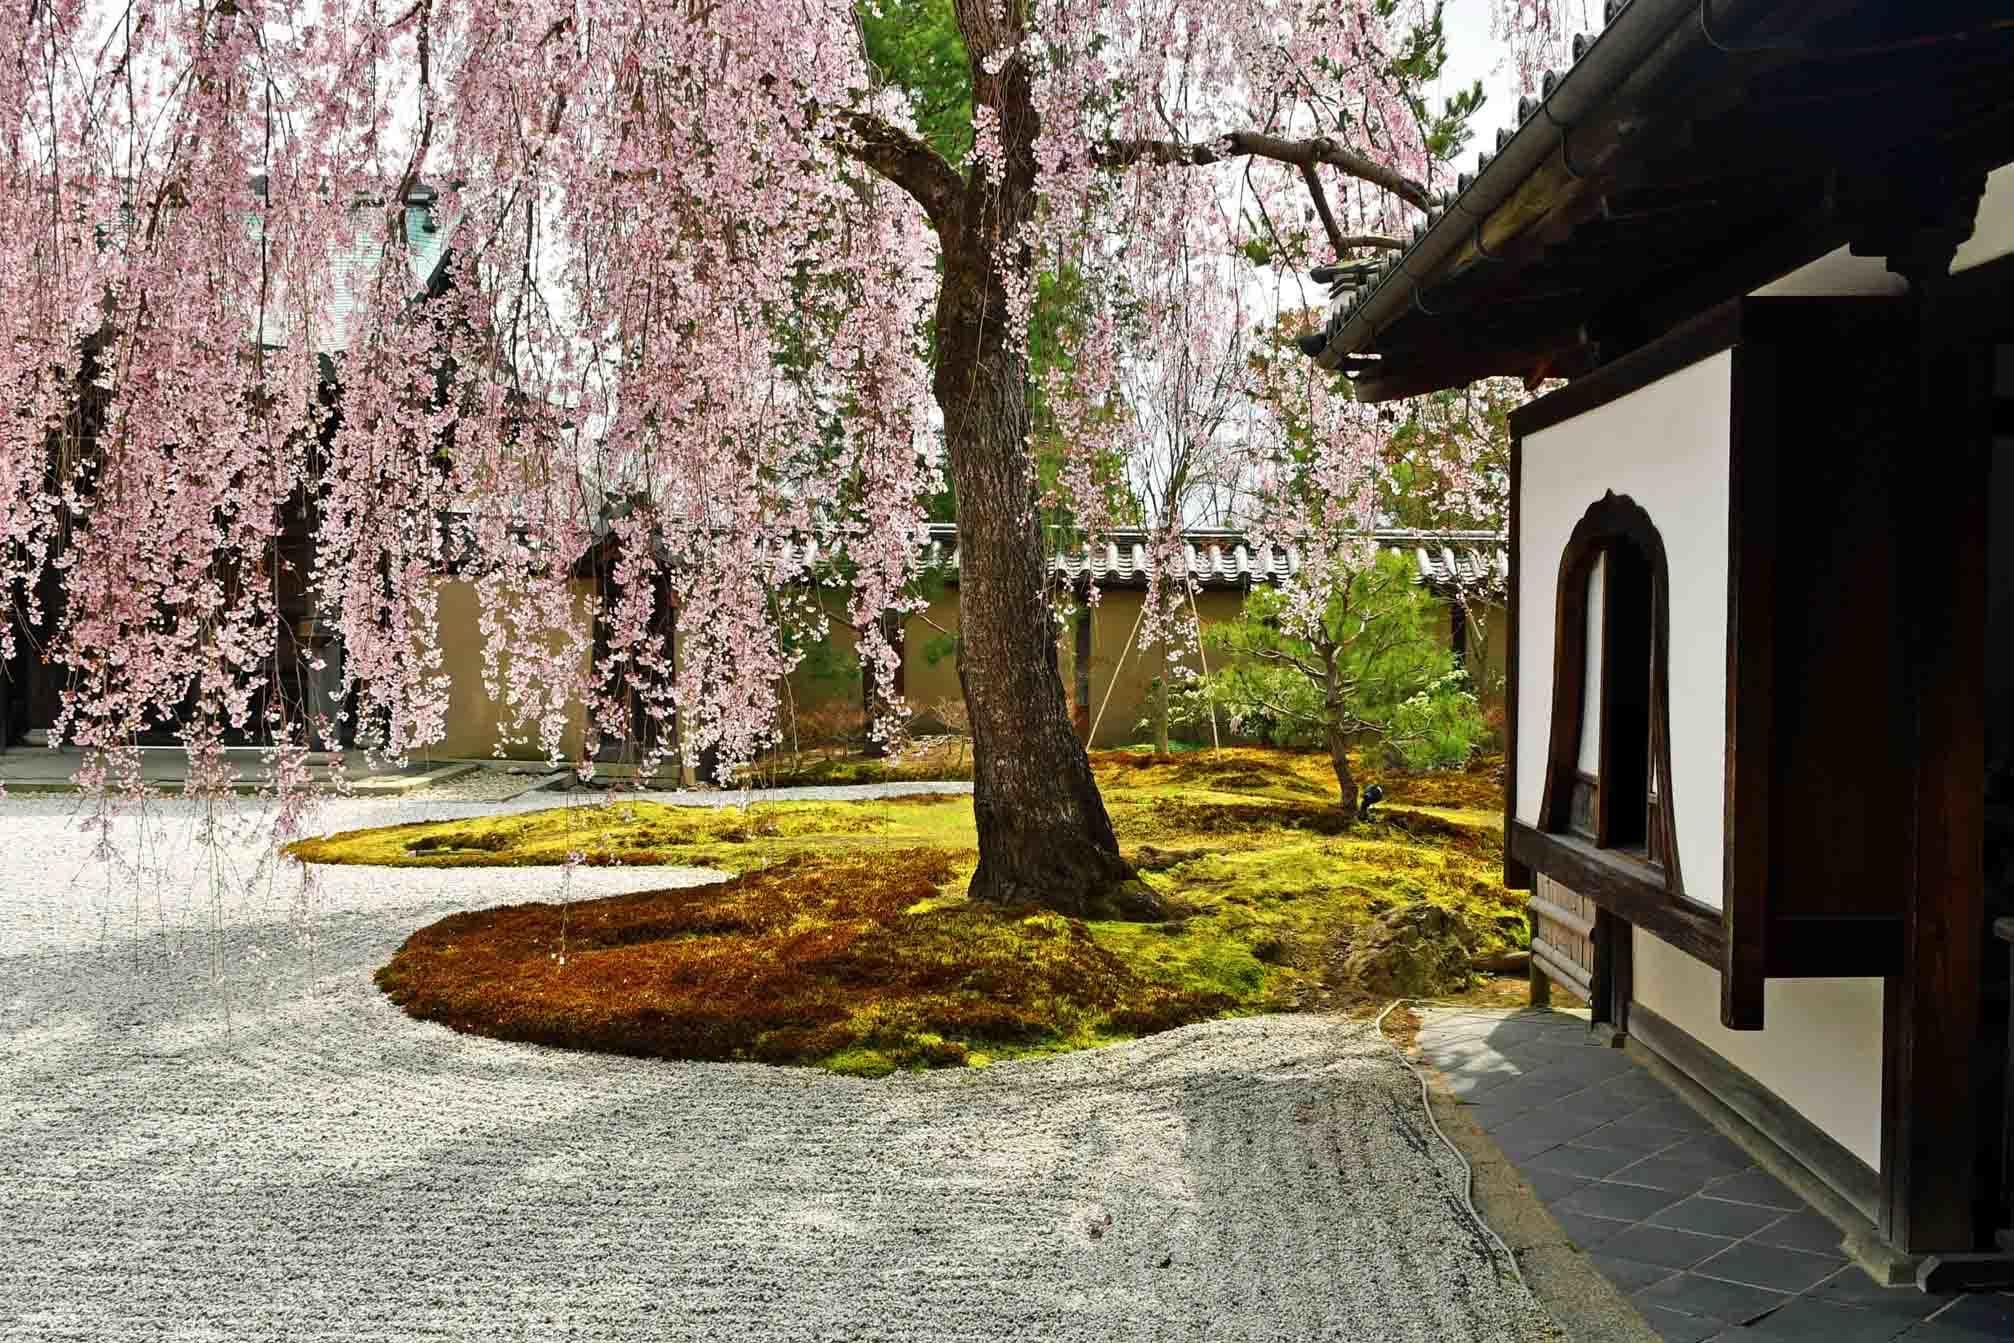 3「高台寺方丈の枝垂れ桜」